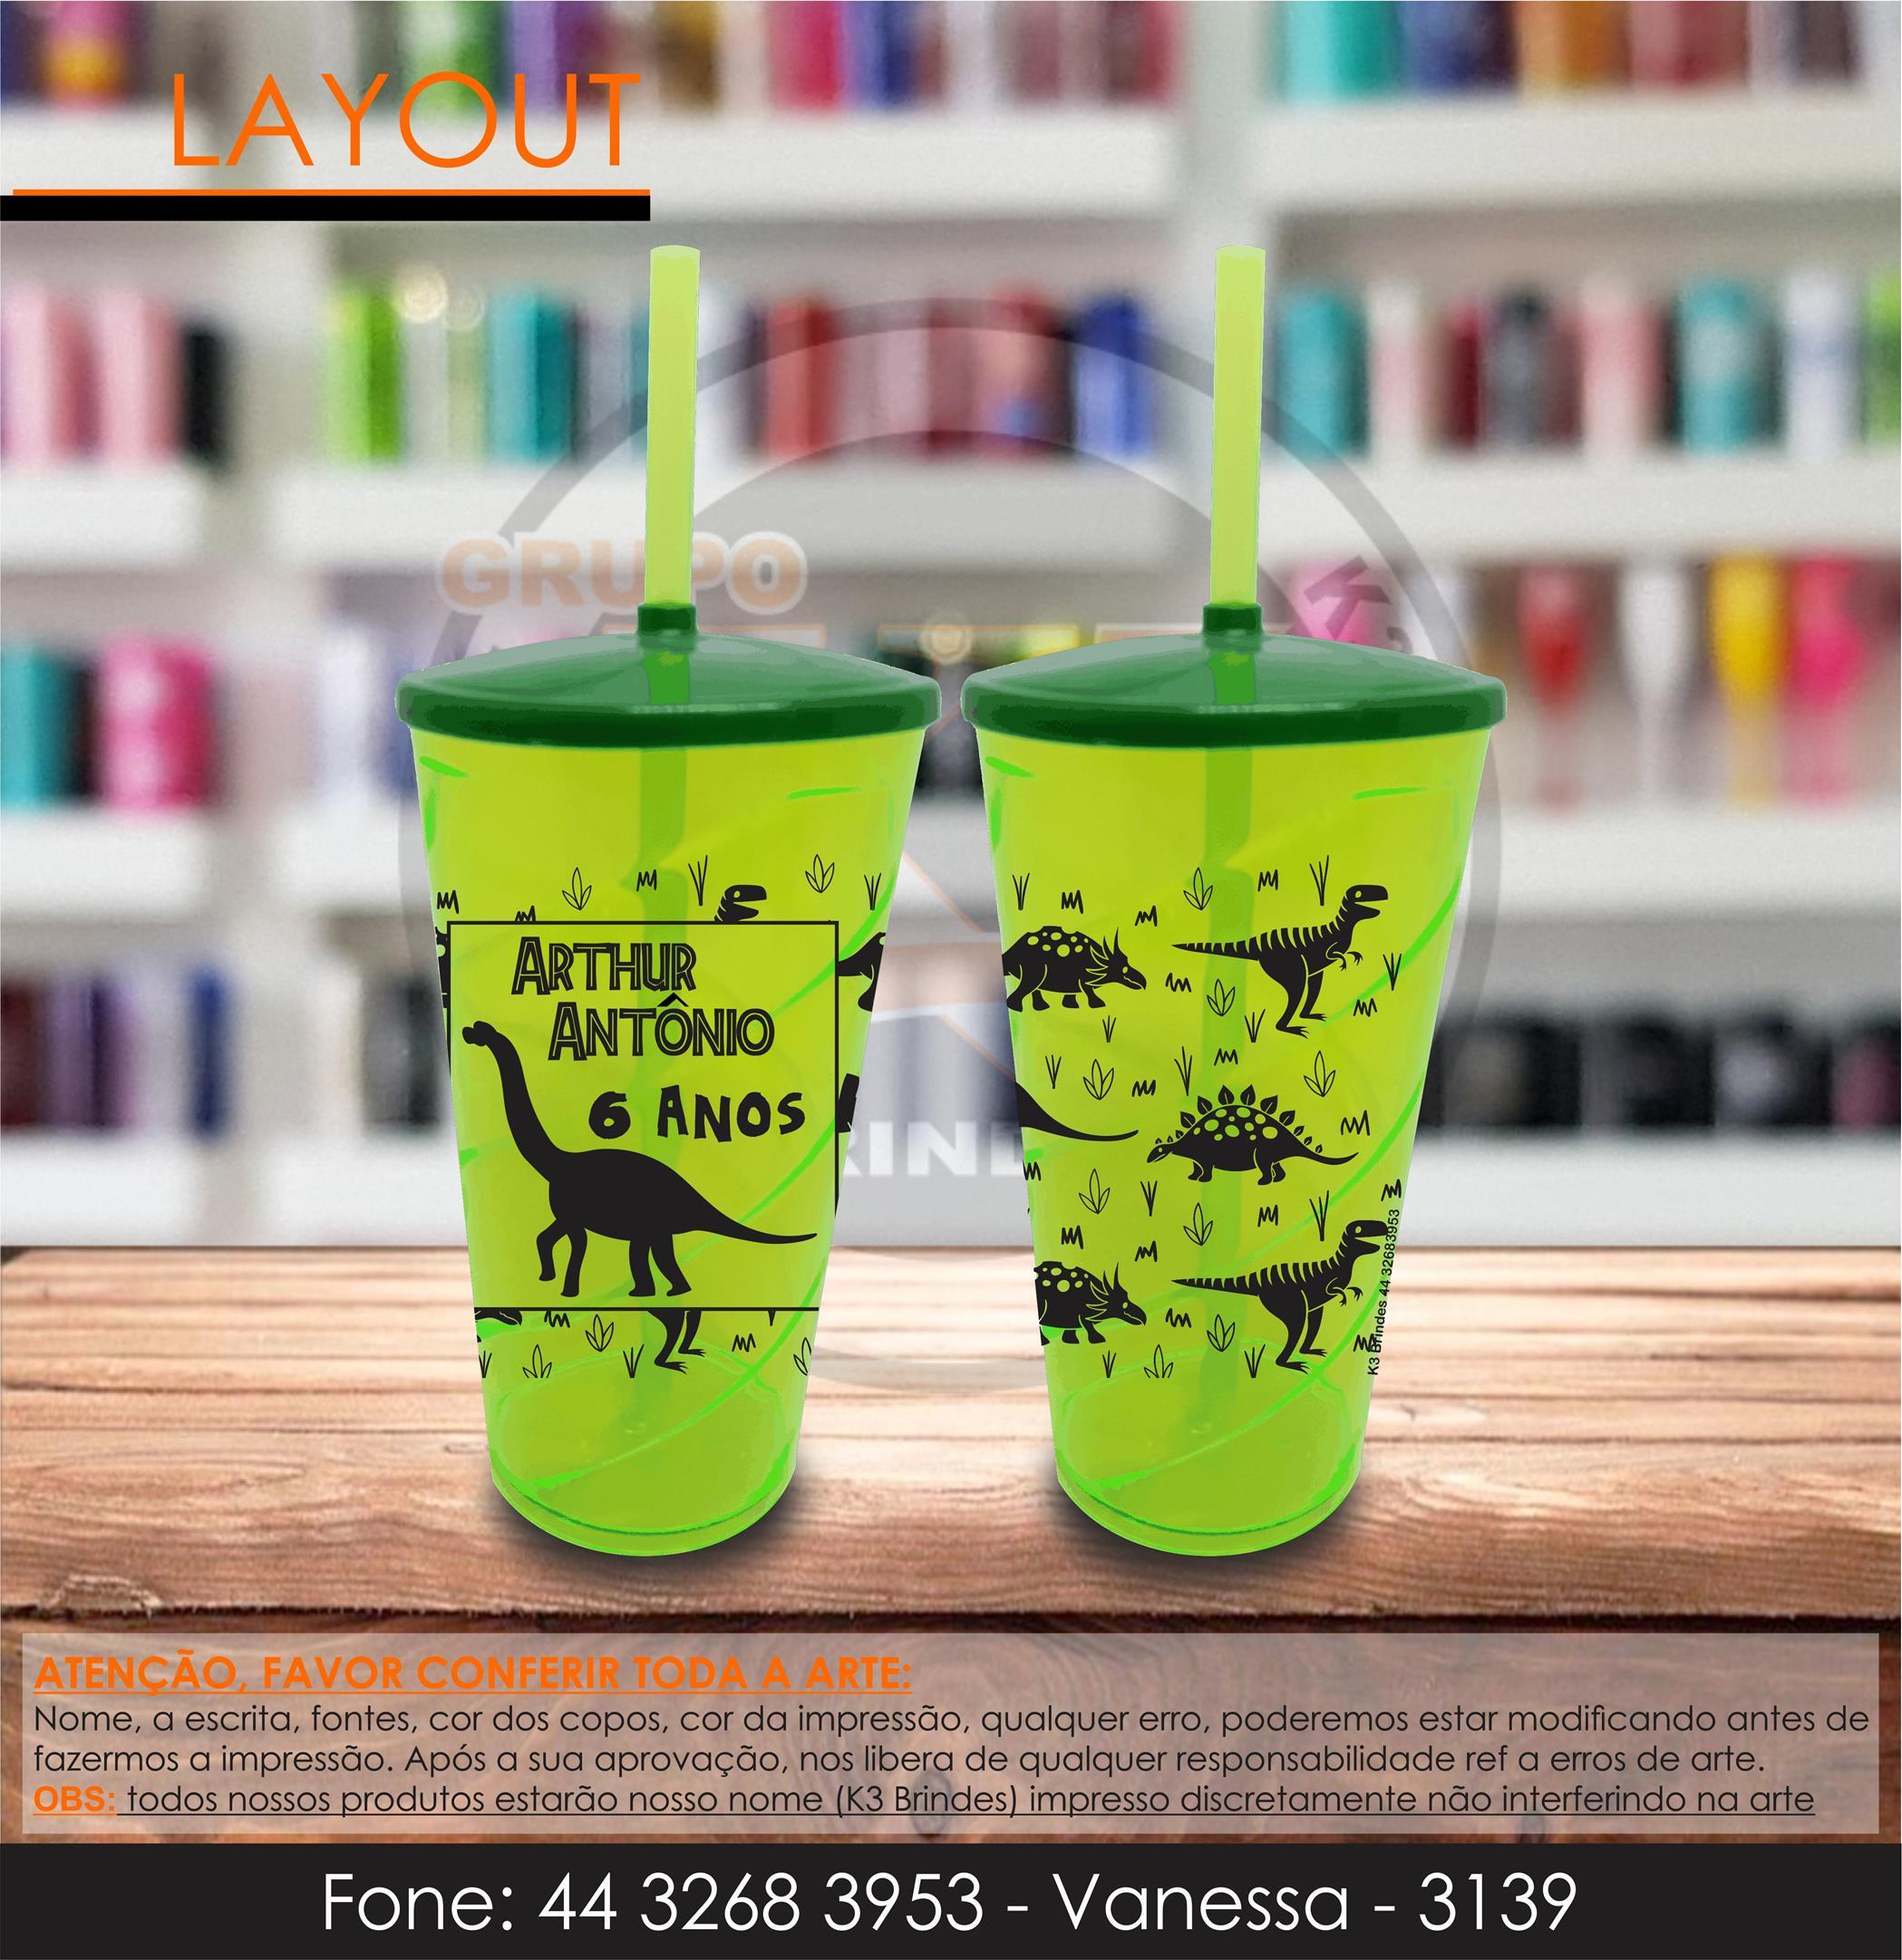 3139 - euphoria verde neon - dinossauro - 6 anos - infantil - dino